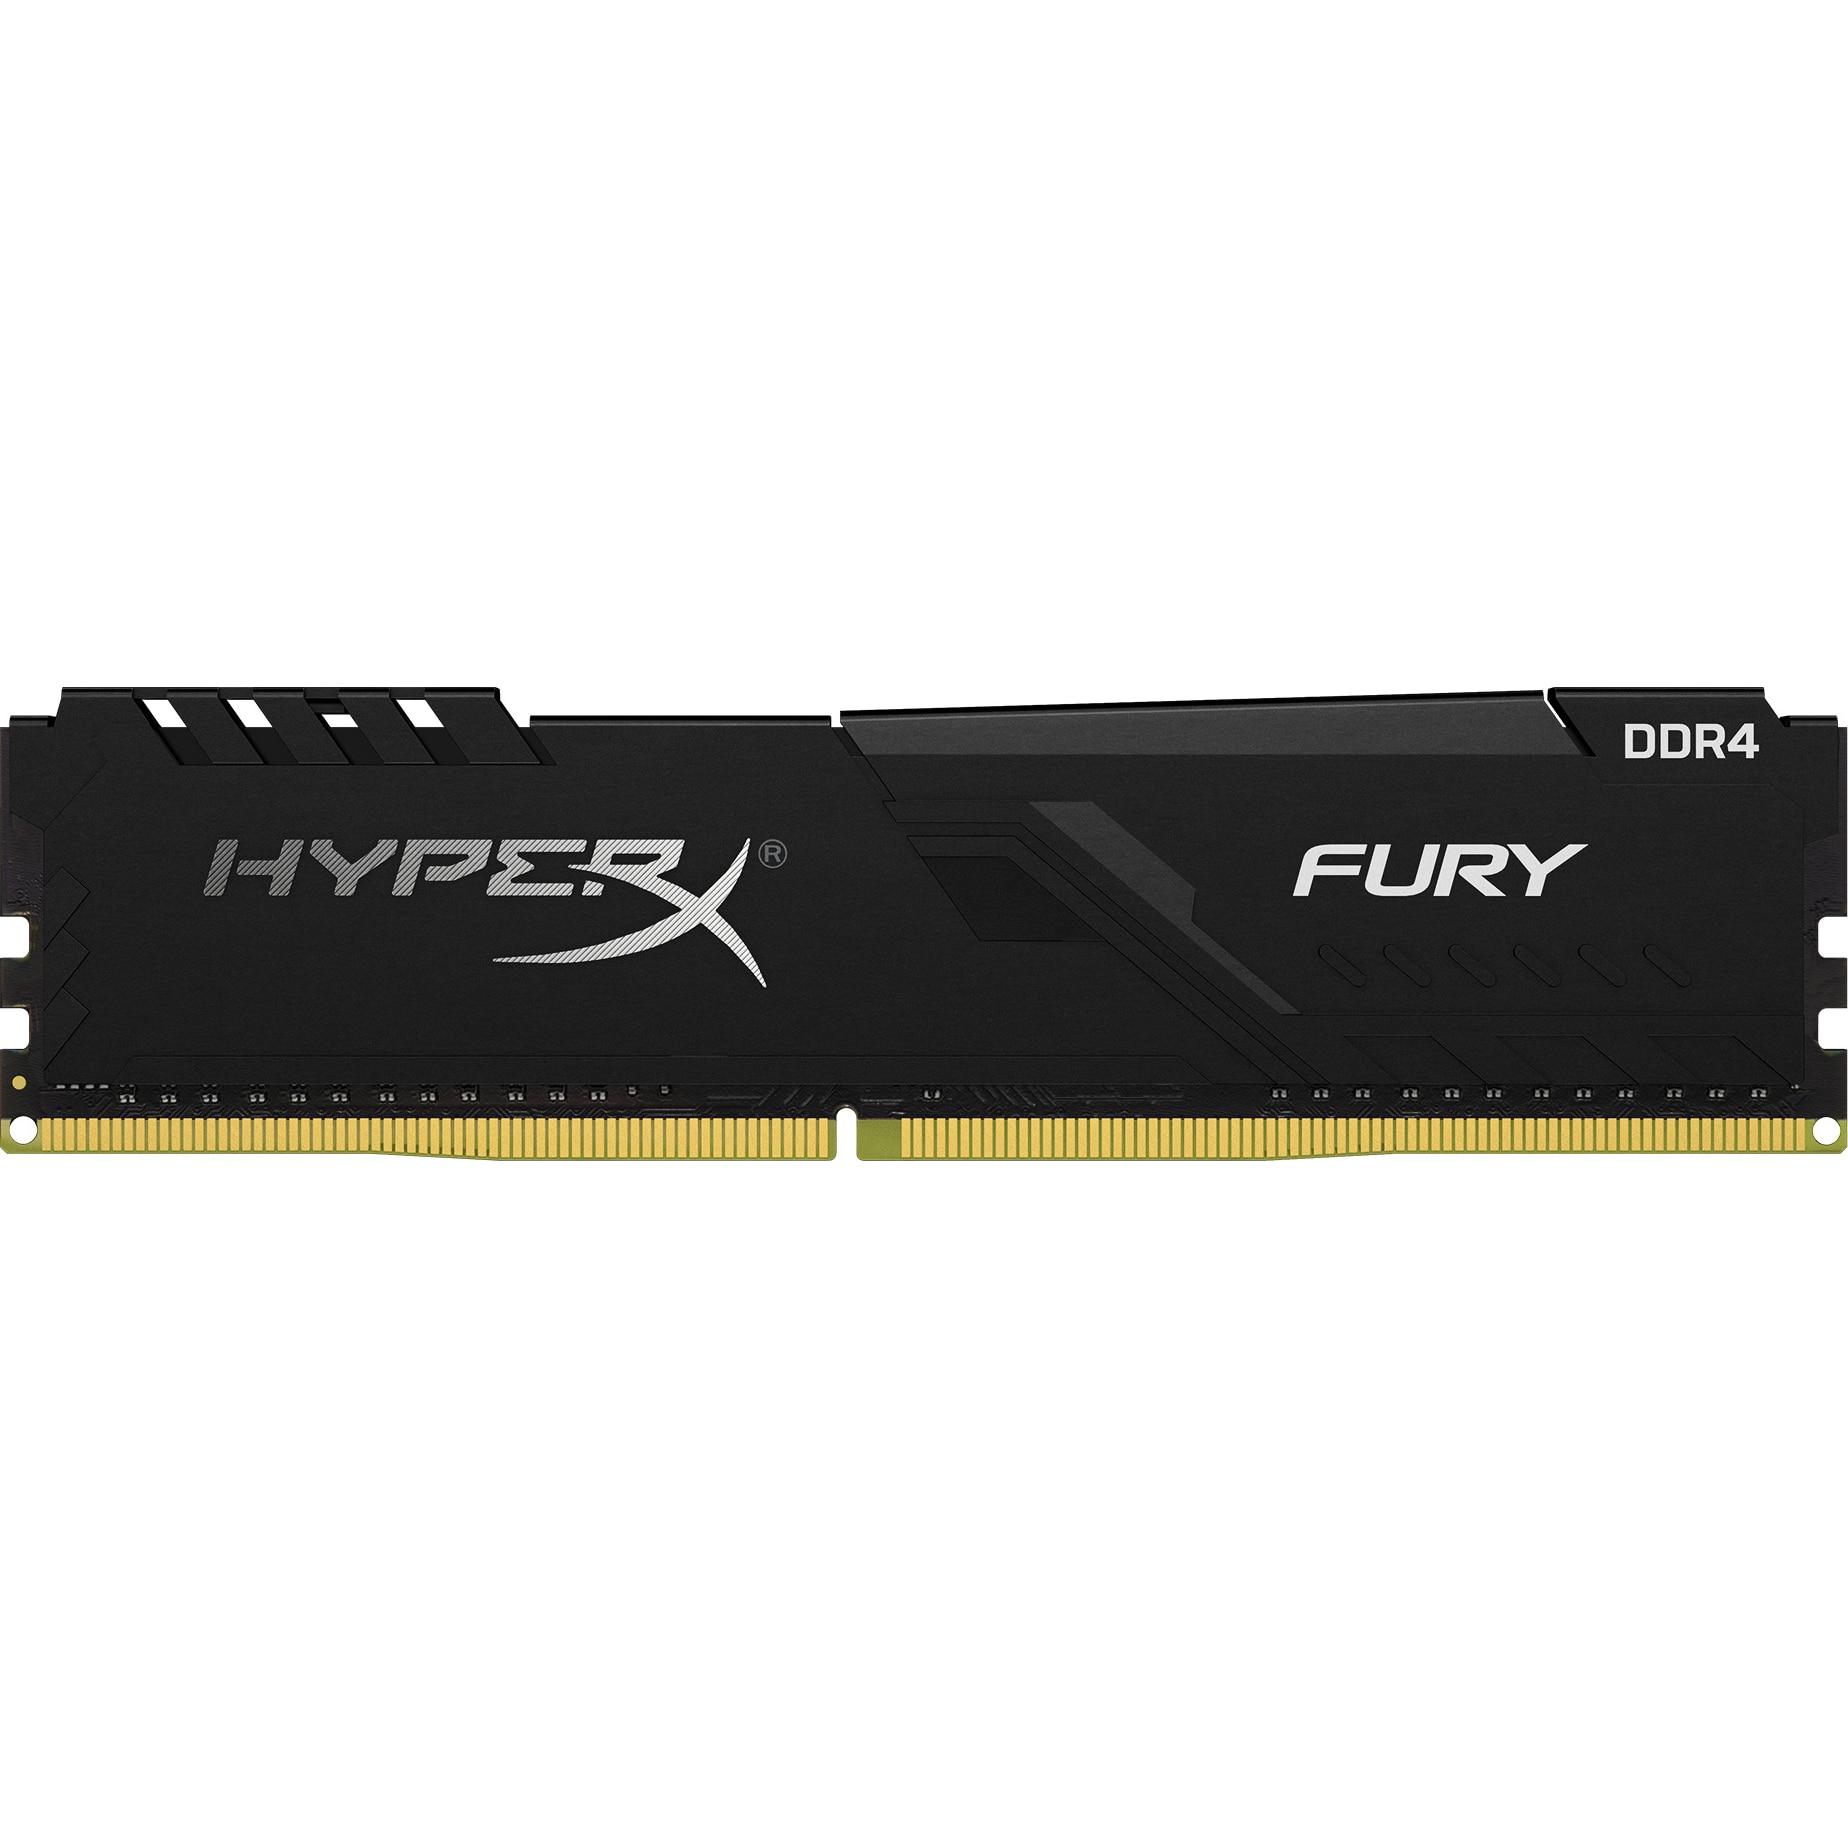 Fotografie Memorie HyperX Fury Black 16GB, DDR4, 3200MHz, CL16, 1.35V